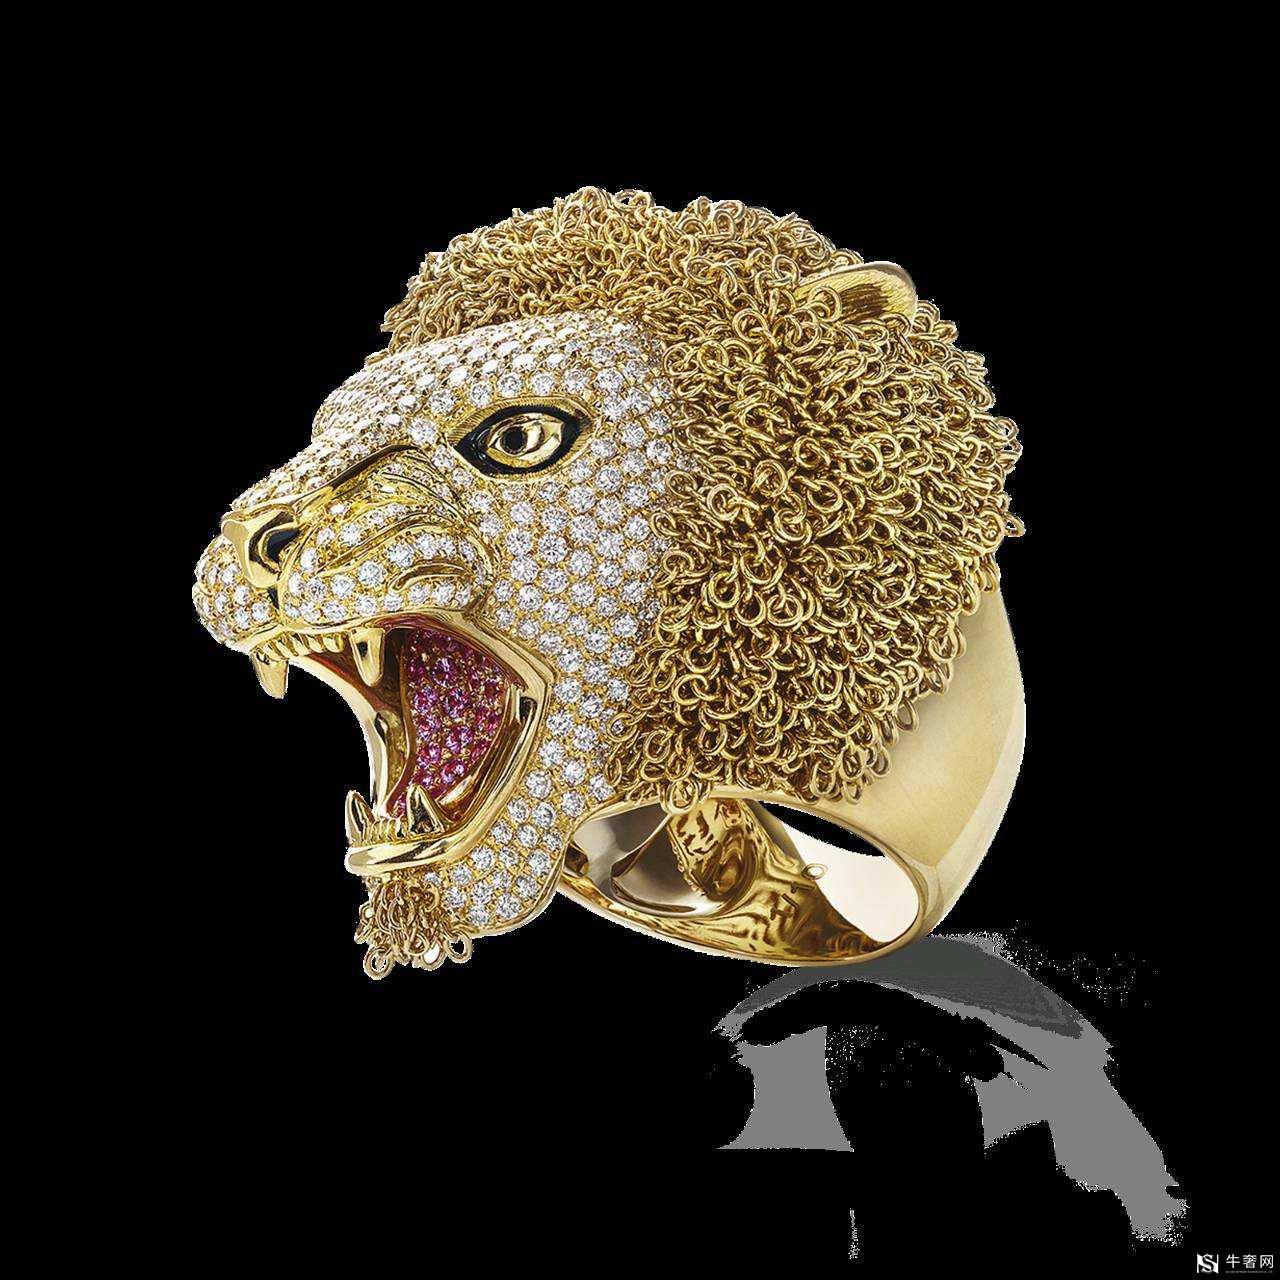 香奈儿狮子钻石回收